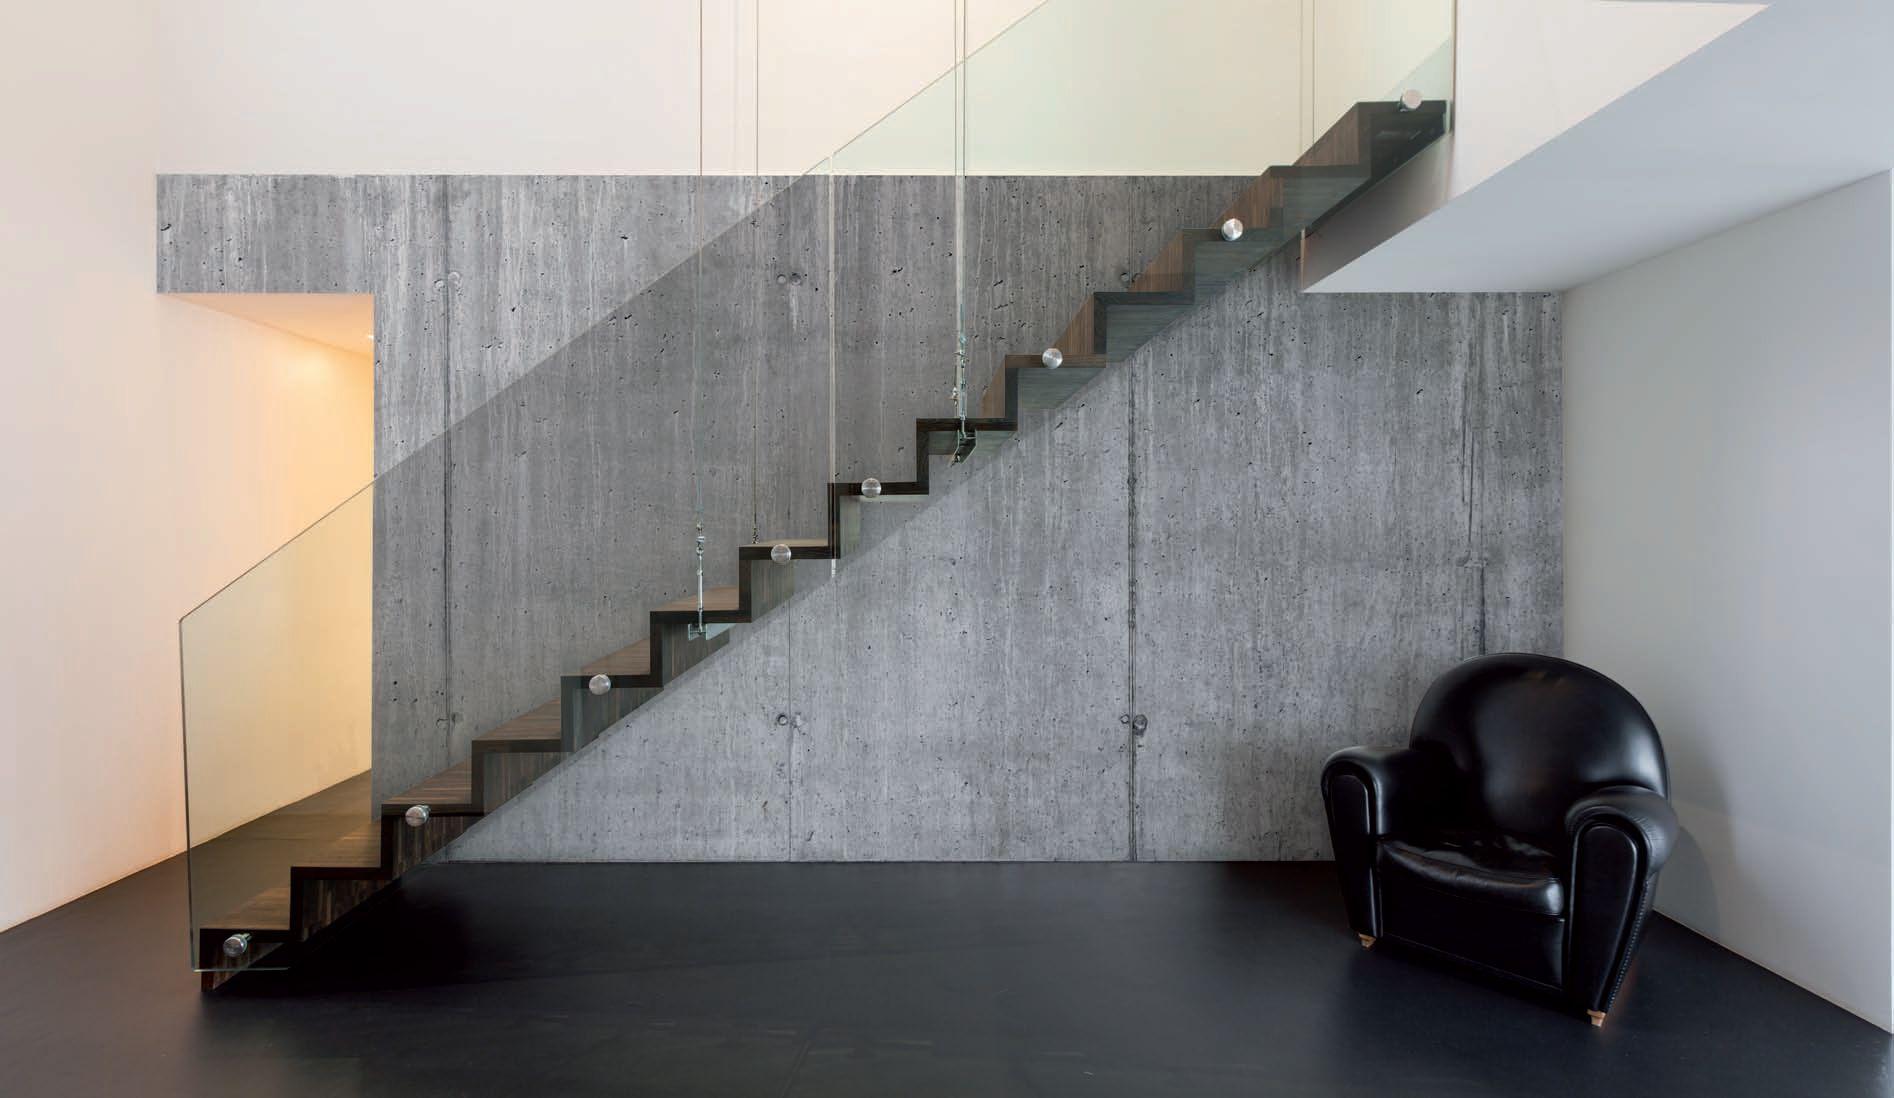 Concrete Slab Mural Wallpaper By Walls Republic M8992 Part 84